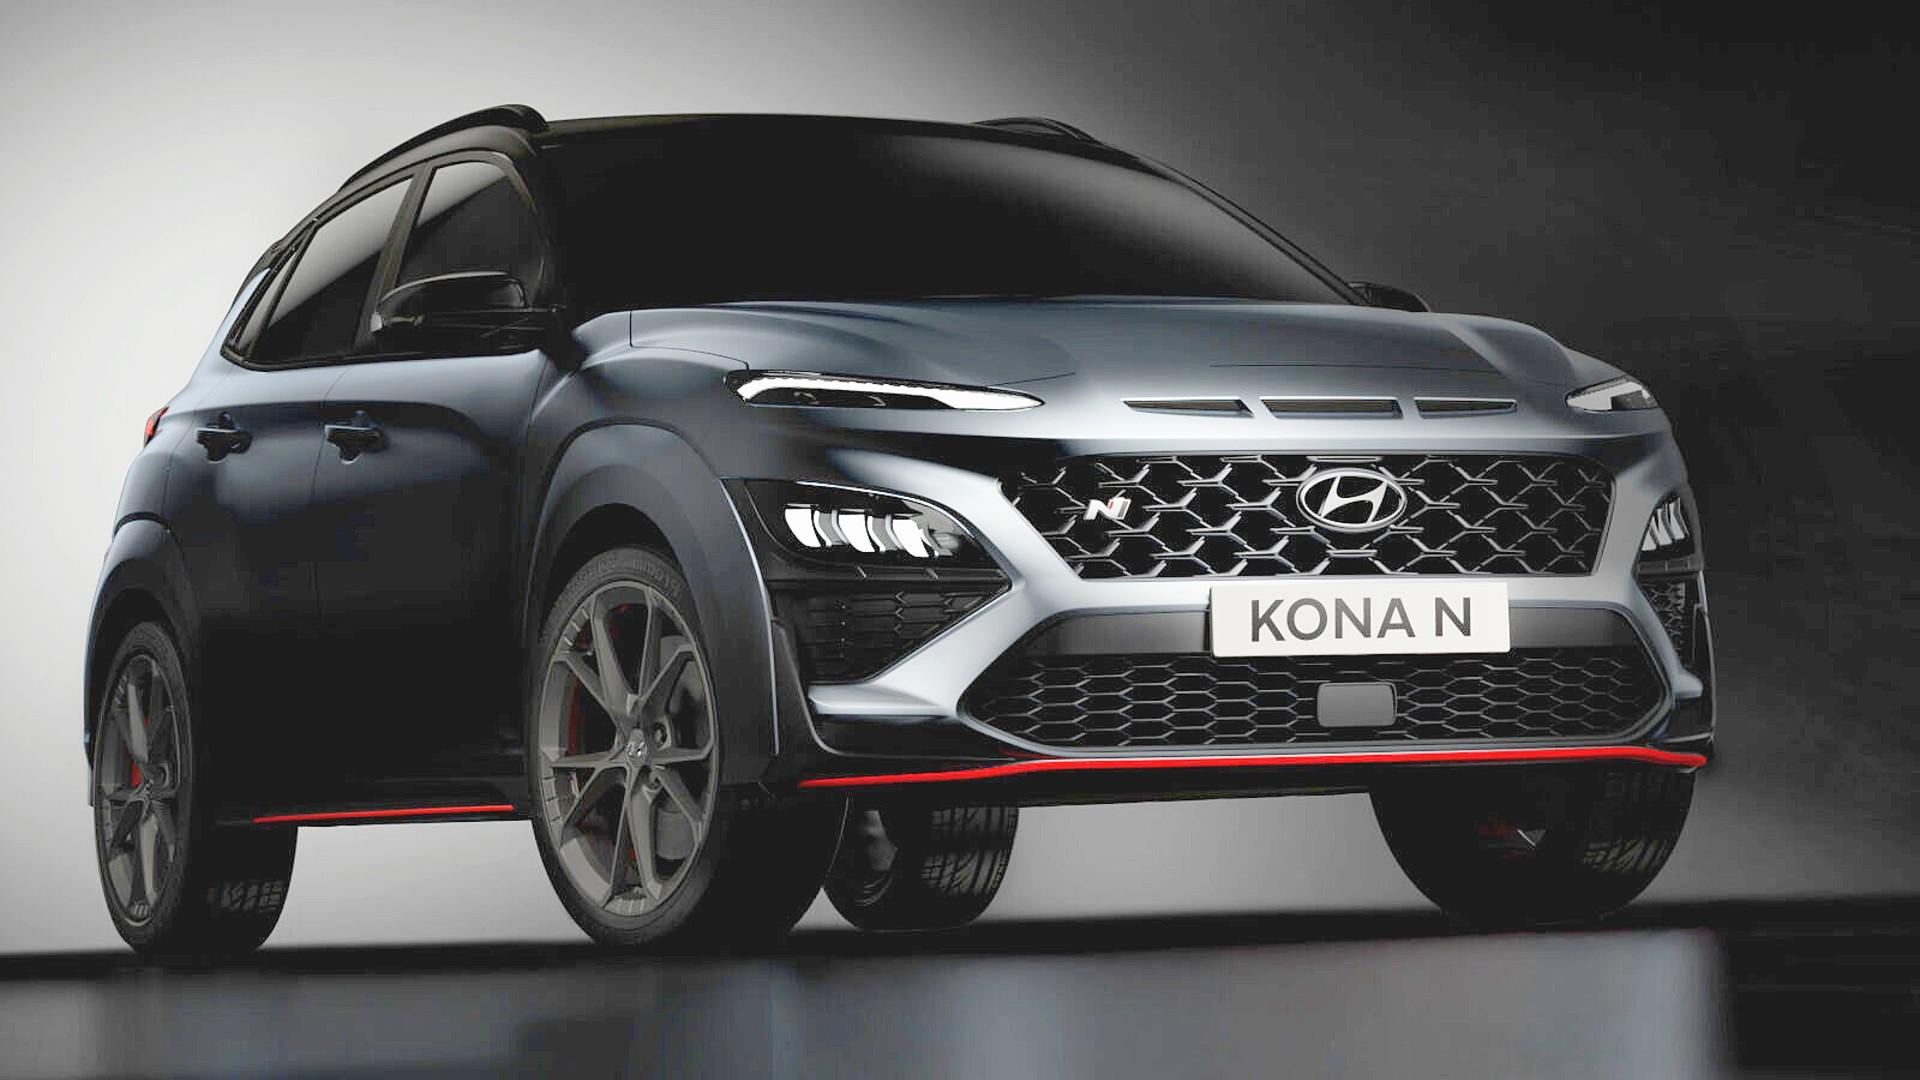 To Hyundai Kona N έρχεται με… αγριεμένα χαρακτηριστικά! [pics]